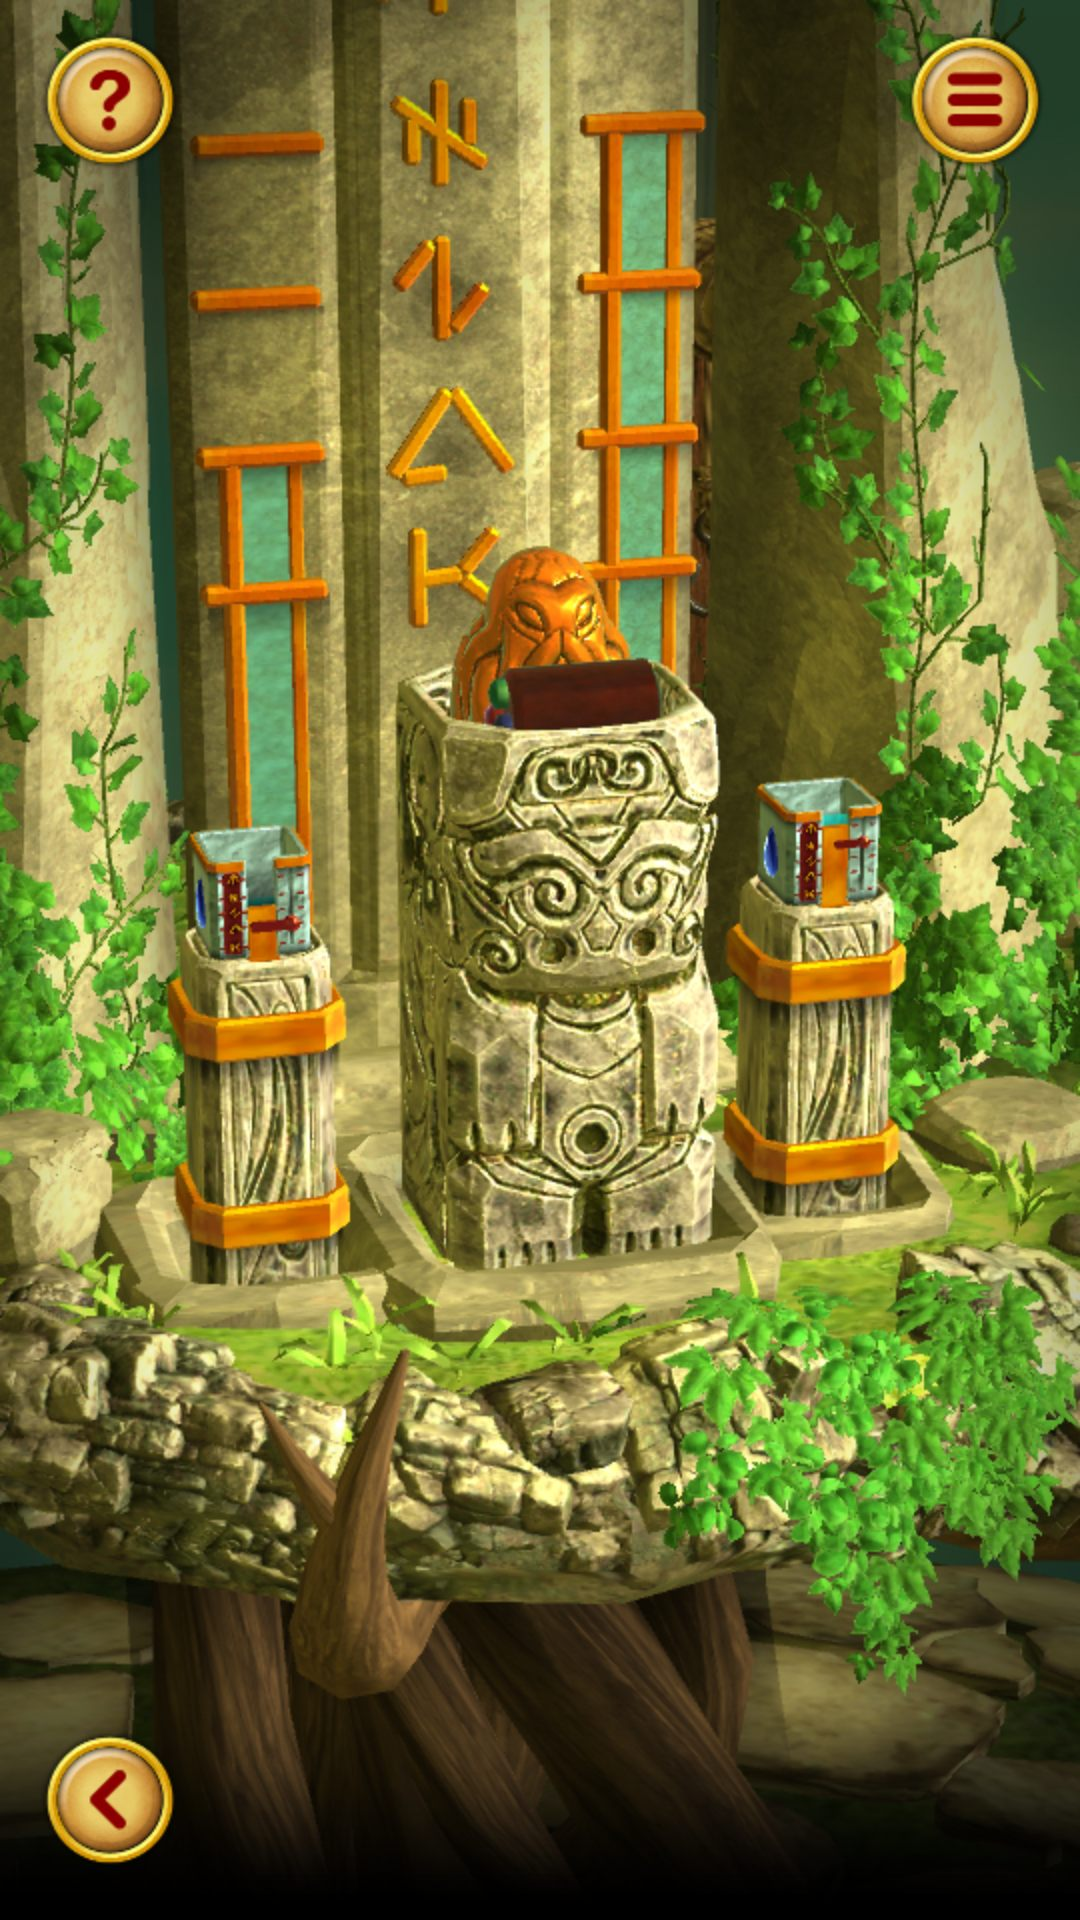 Прохождение игры Doors: Awakening Уровень 3, шаг 3